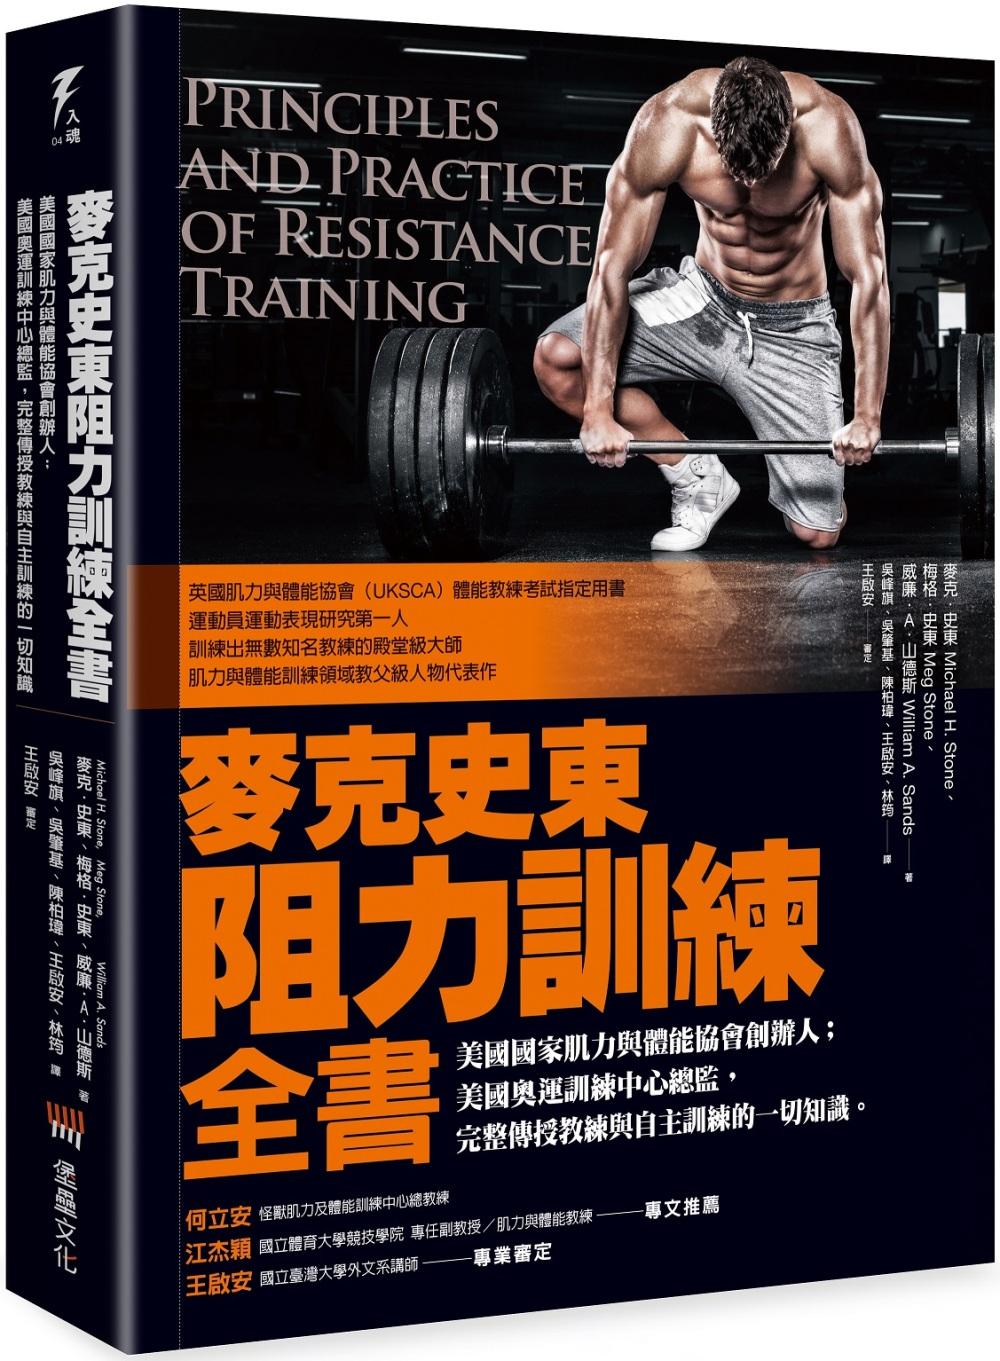 麥克史東阻力訓練全書:美國國家肌力與體能協會創辦人;美國奧運訓練中心總監,完整傳授教練與自主訓練的一切知識